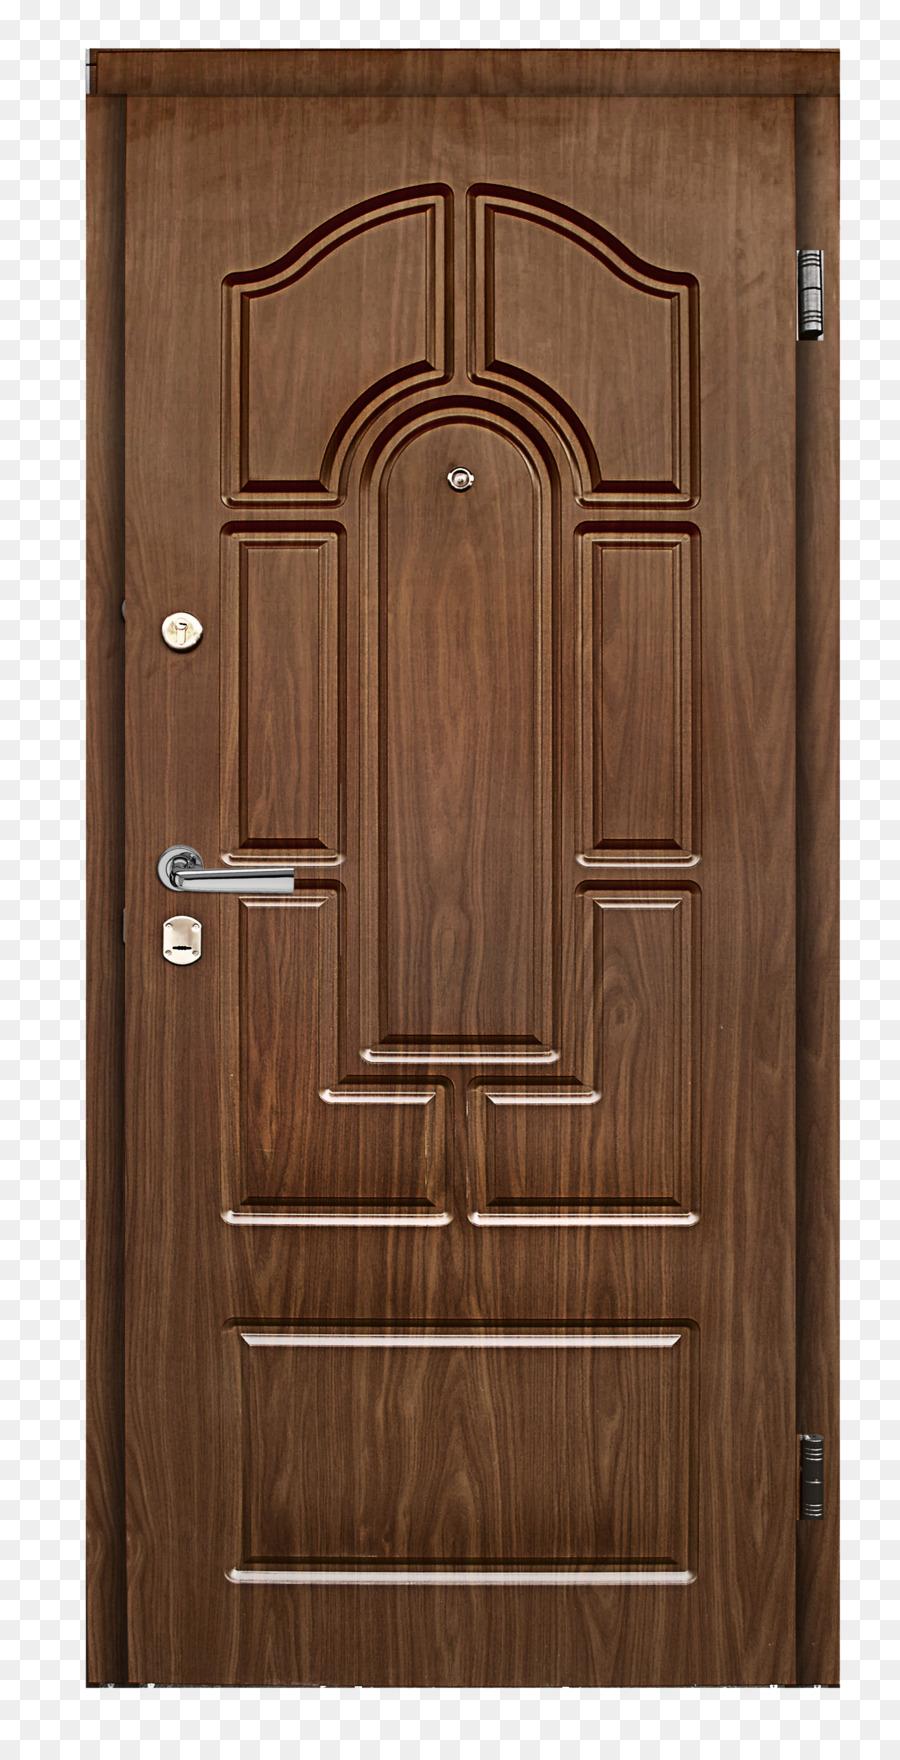 Wood background furniture transparent. Clipart door dooor